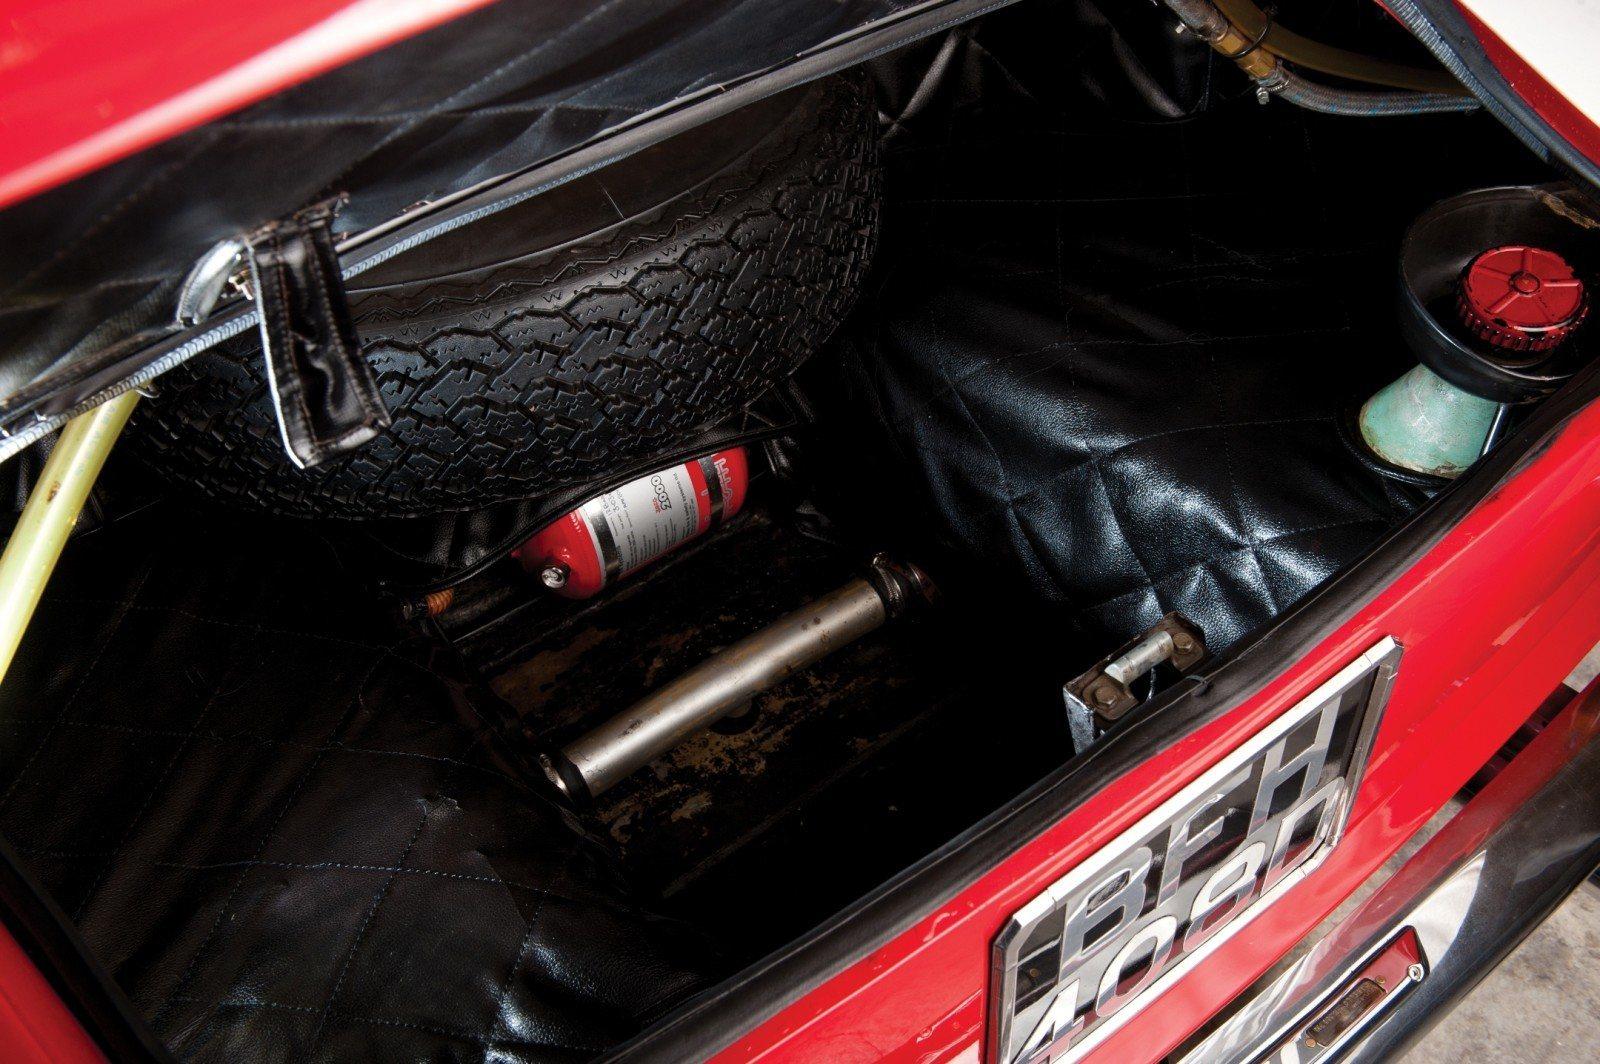 RM Monaco 2014 Highlights - 1966 Ferrari GTB-C 24